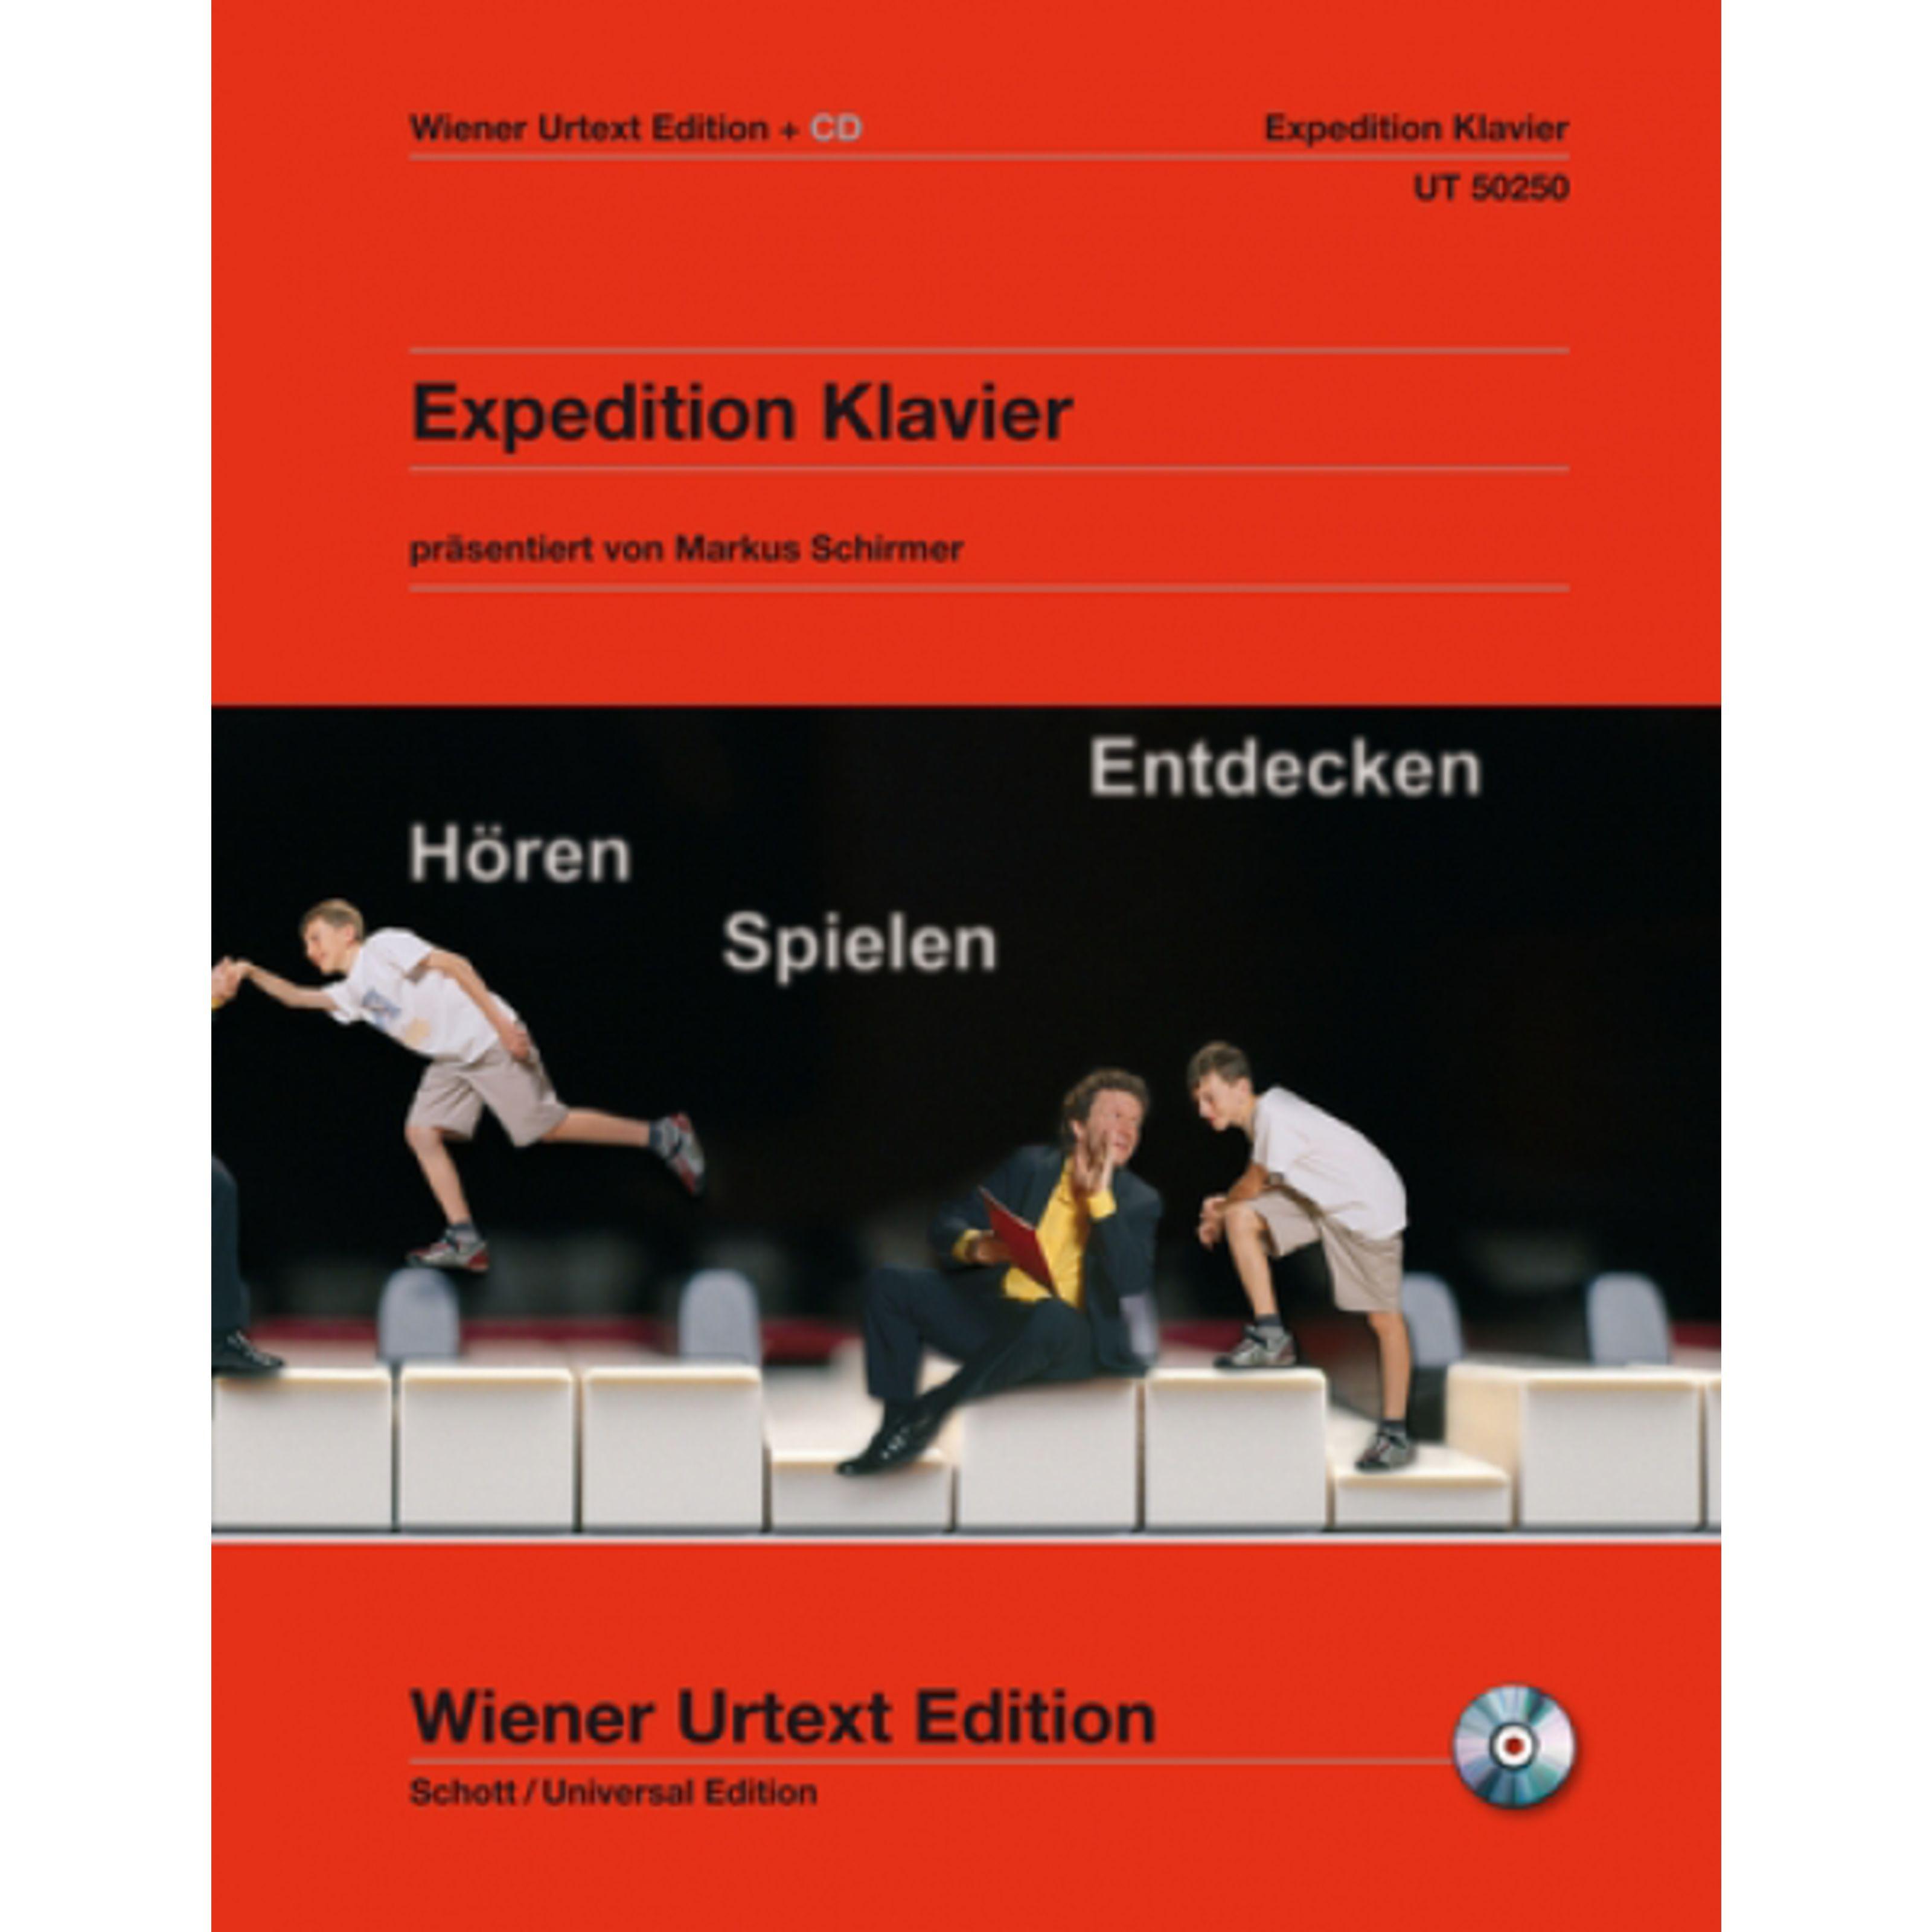 Wiener Urtext - Expedition Klavier Urtext Album mit CD UT 50250